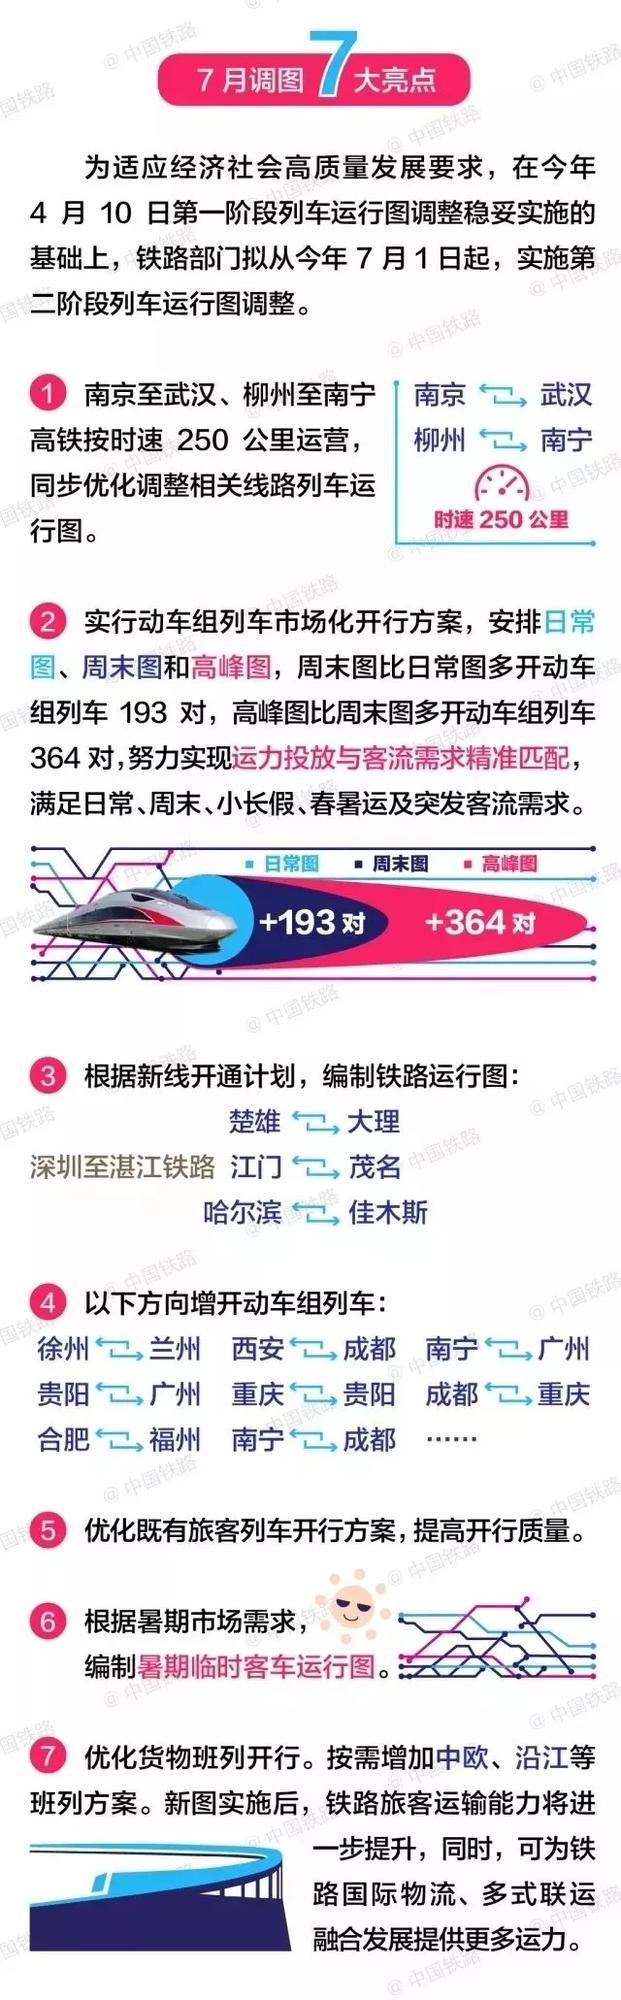 7月铁路调图 汉宜动车票价最高可打6.5折